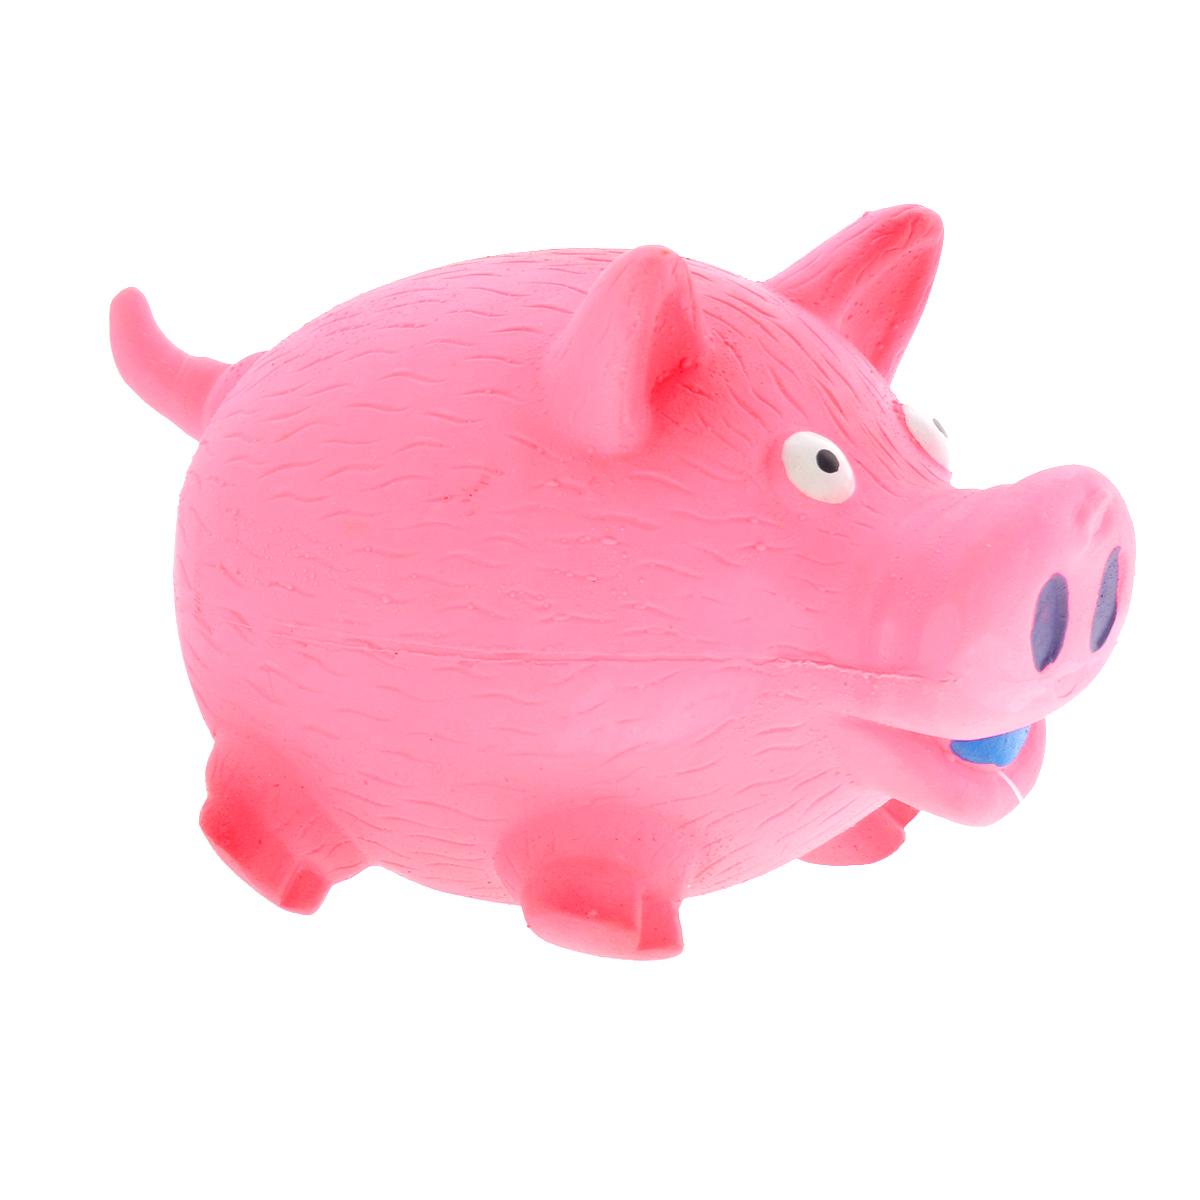 Игрушка для собак V.I.Pet Поросенок, цвет: розовыйL-143Игрушка V.I.Pet Поросенок изготовлена из латекса с использованием только безопасных, не токсичных красителей. Великолепно подходит для игры и массажа десен вашей собаки. Забавный поросенок при надавливании или захвате пастью пищит. Такая игрушка порадует вашего любимца, а вам доставит массу приятных эмоций, ведь наблюдать за игрой всегда интересно и приятно. Оставшись в одиночестве, ваша собака будет увлеченно играть в эту игрушку.